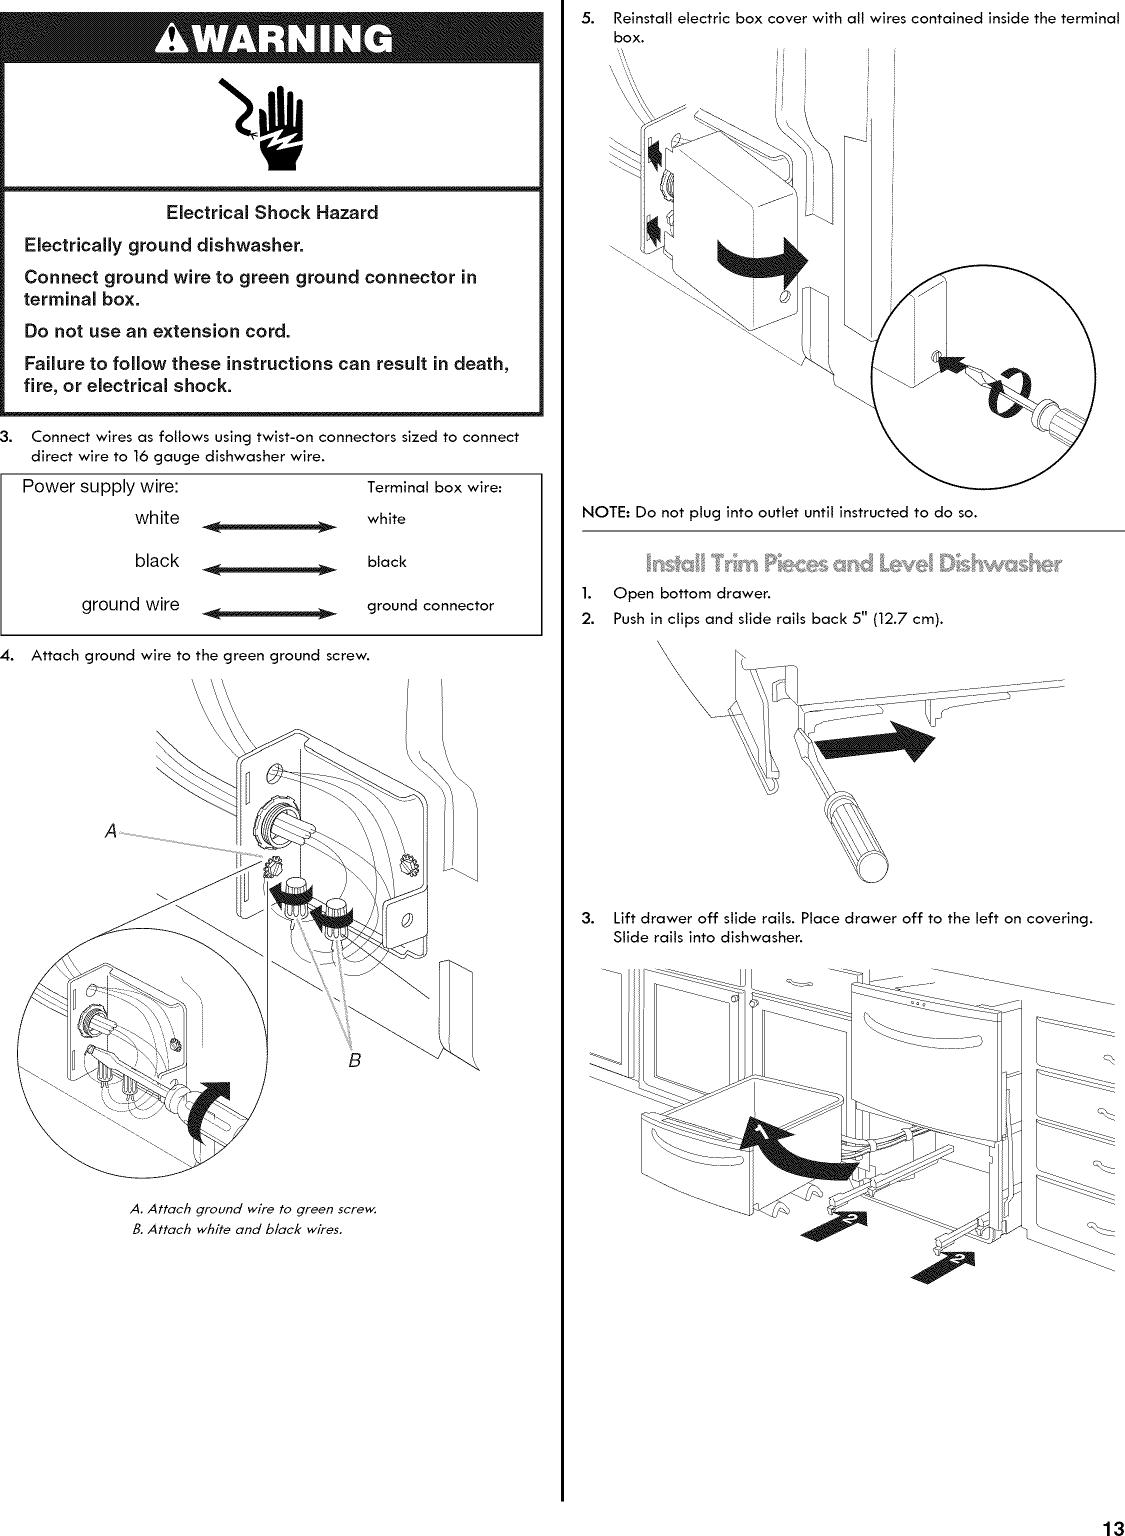 Dishwasher Kenmore Elite Manual Mdb6000awa Wiring Information Parts Diagram Page 13 Of 44 665133426 User Drawer Manuals And Guides